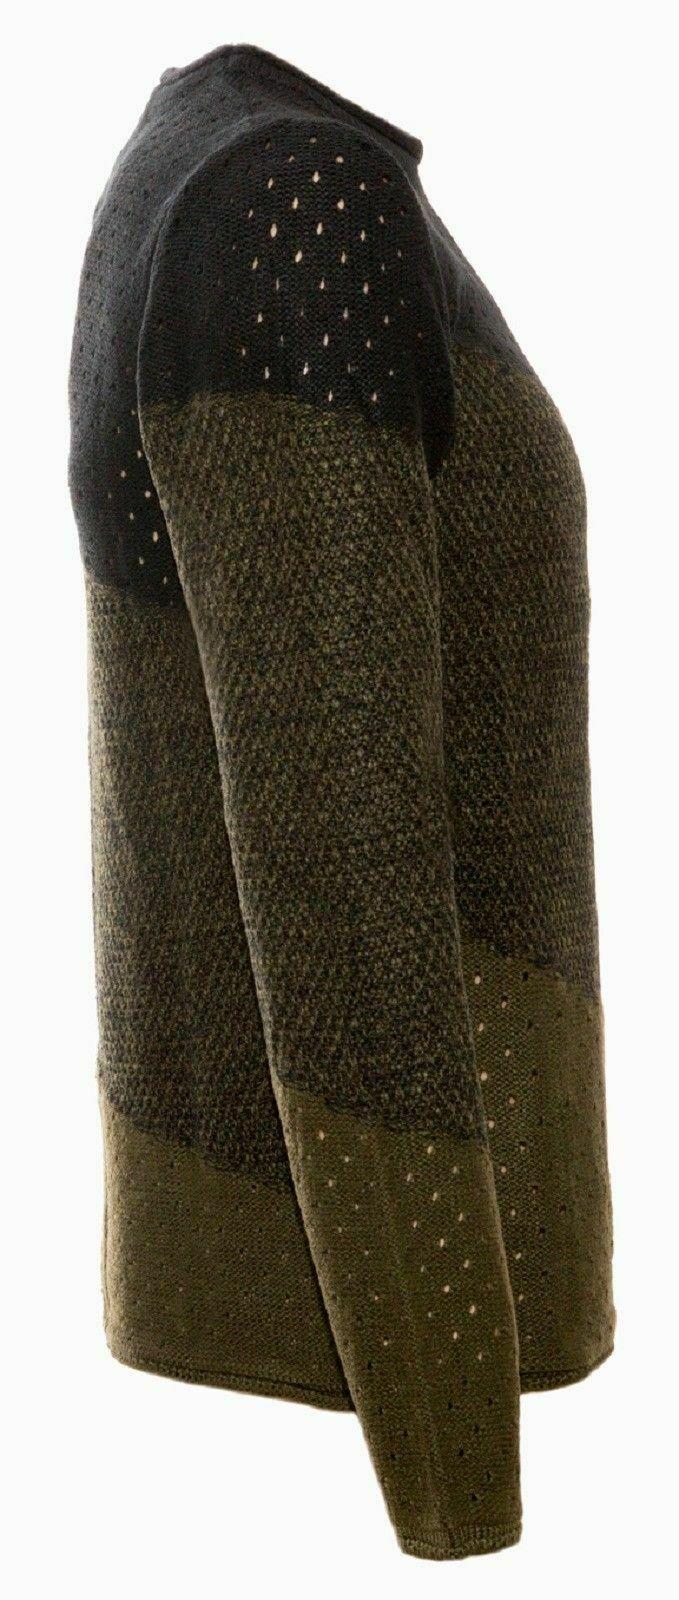 Maglione-uomo-Girocollo-Maglioncino-Invernale-Maglia-slim-fit-Pullover-Casual miniatura 17